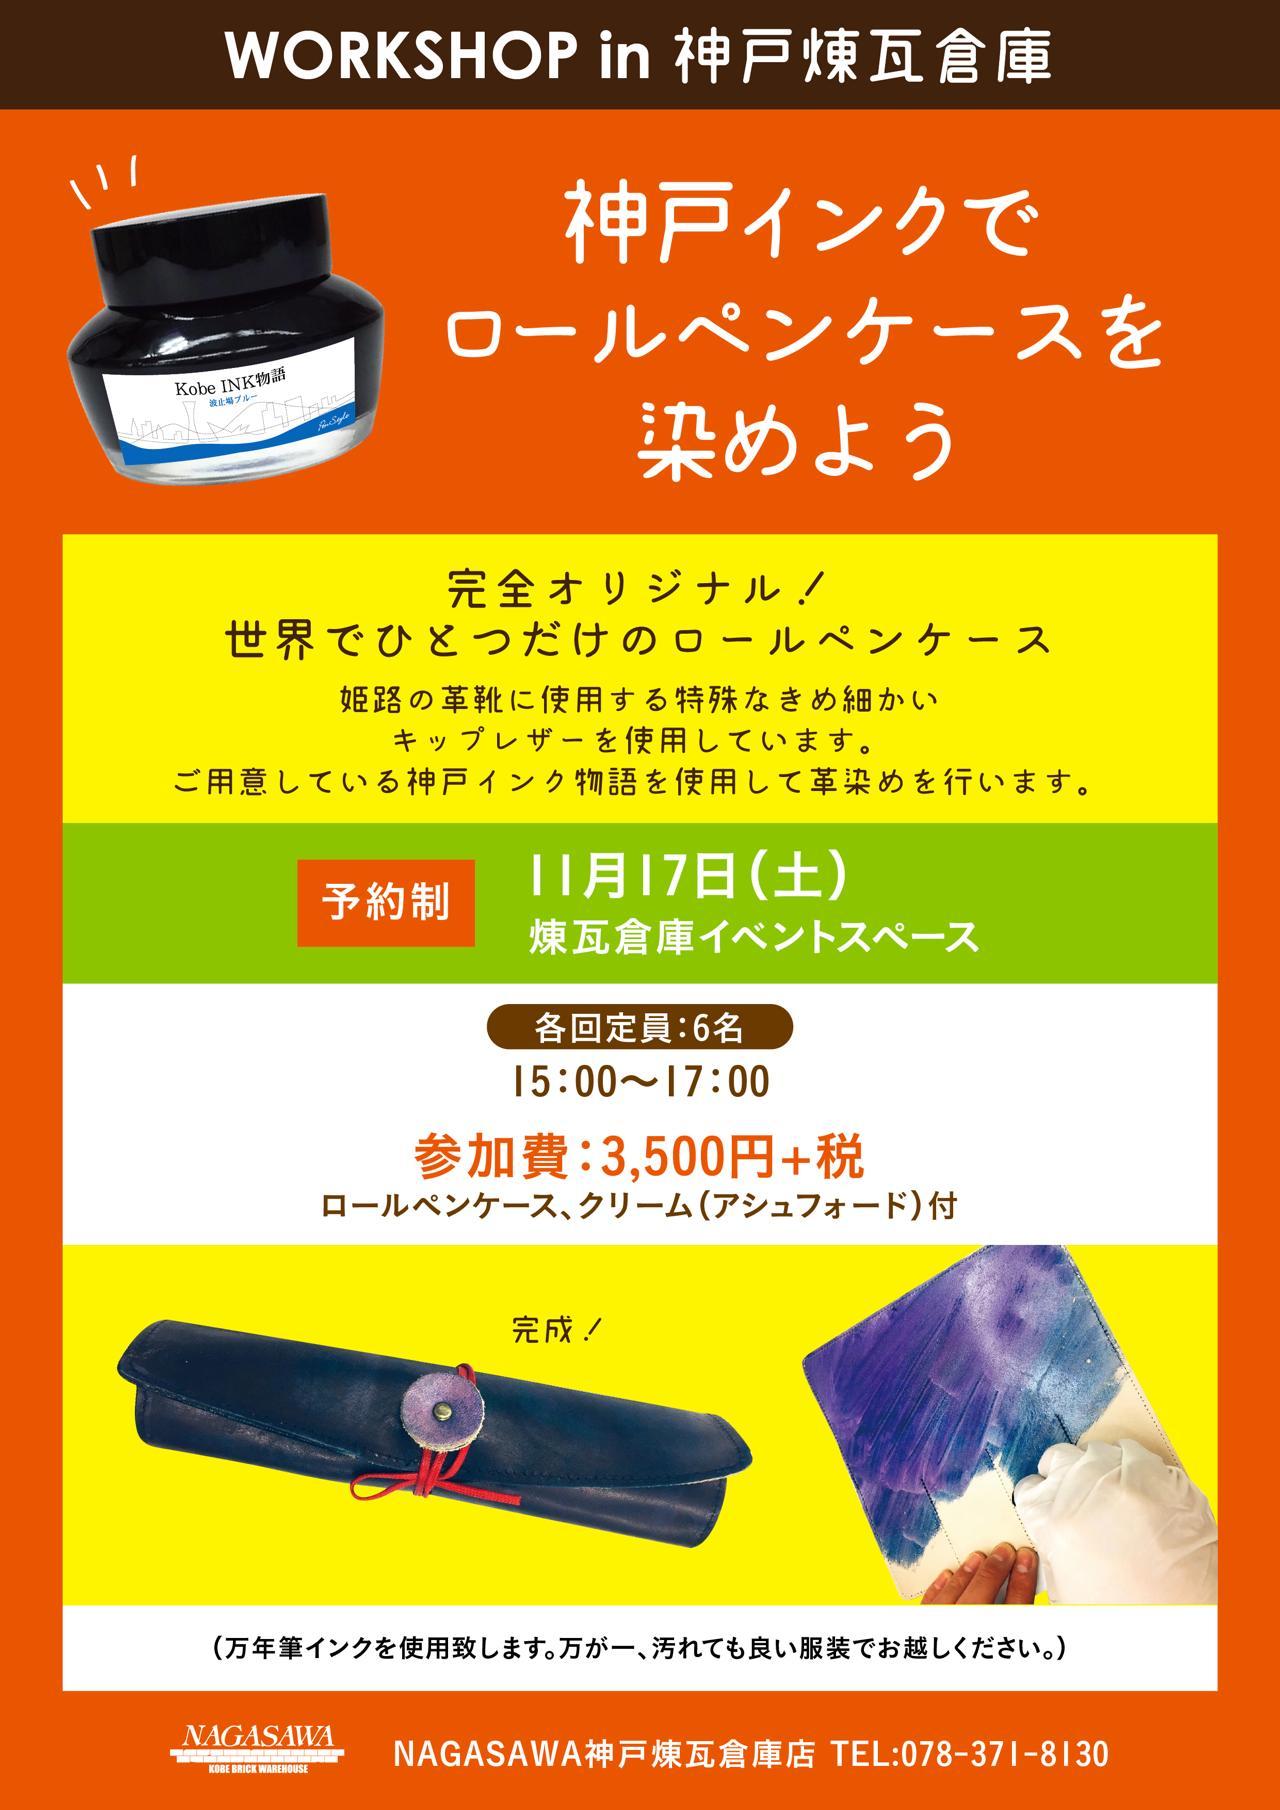 【神戸煉瓦倉庫店】Kobe INK物語を使って革製ペンケースをお好きな色に染めよう!